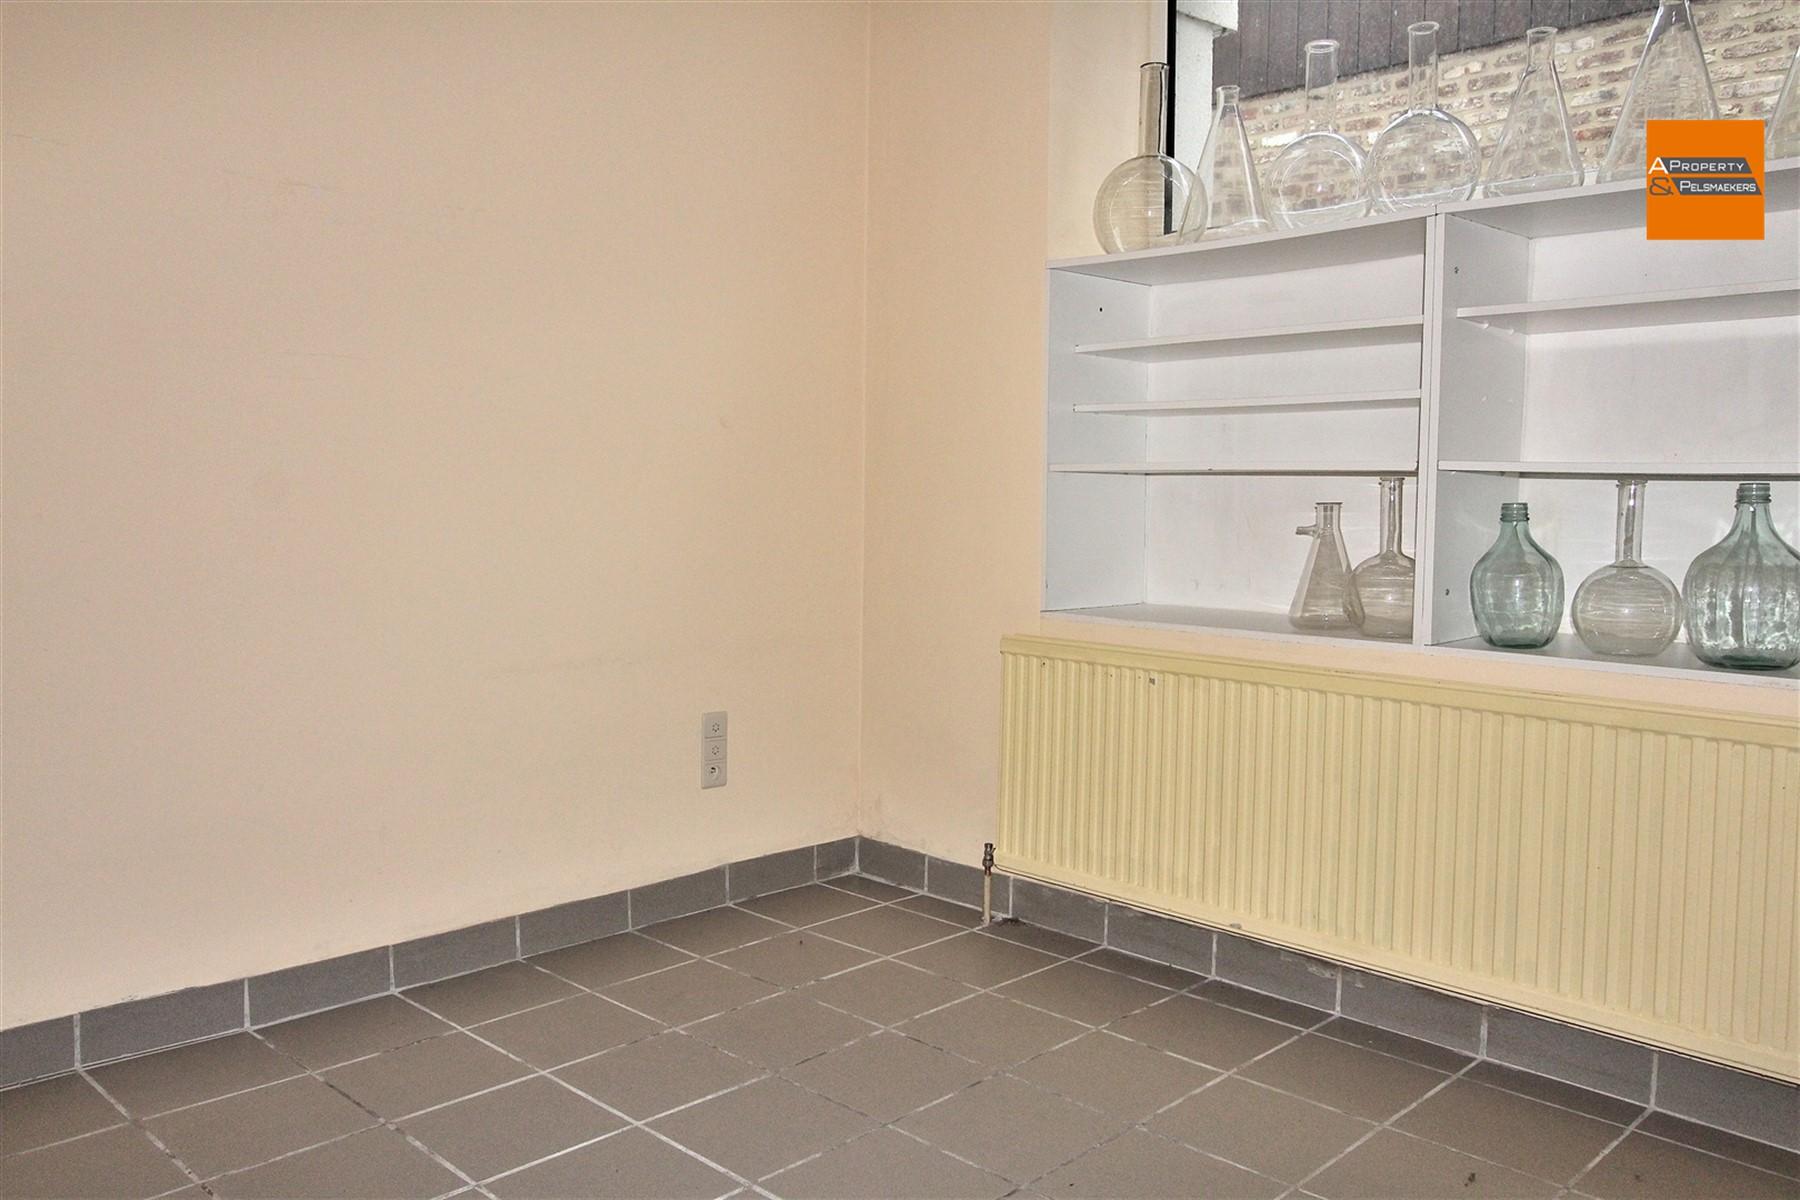 Foto 16 : Winkelruimte in 3272 TESTELT (België) - Prijs € 850